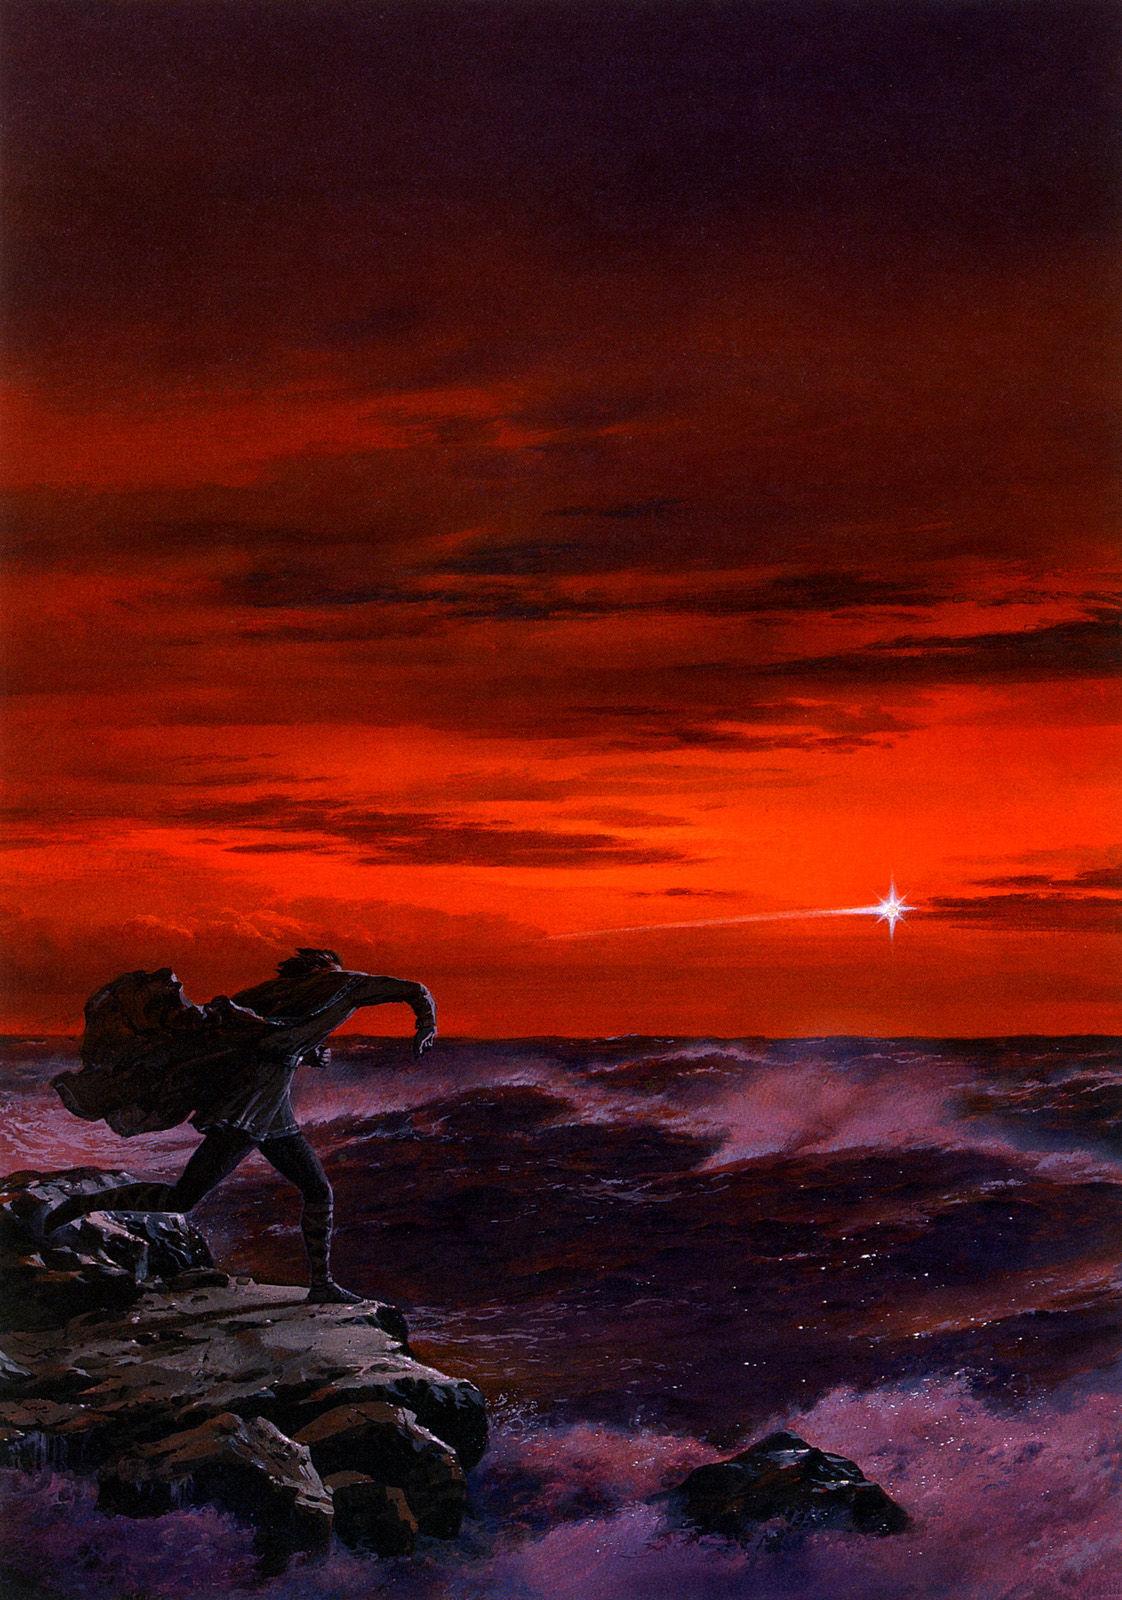 ¿Quién arrojo un Silmaril al mar?